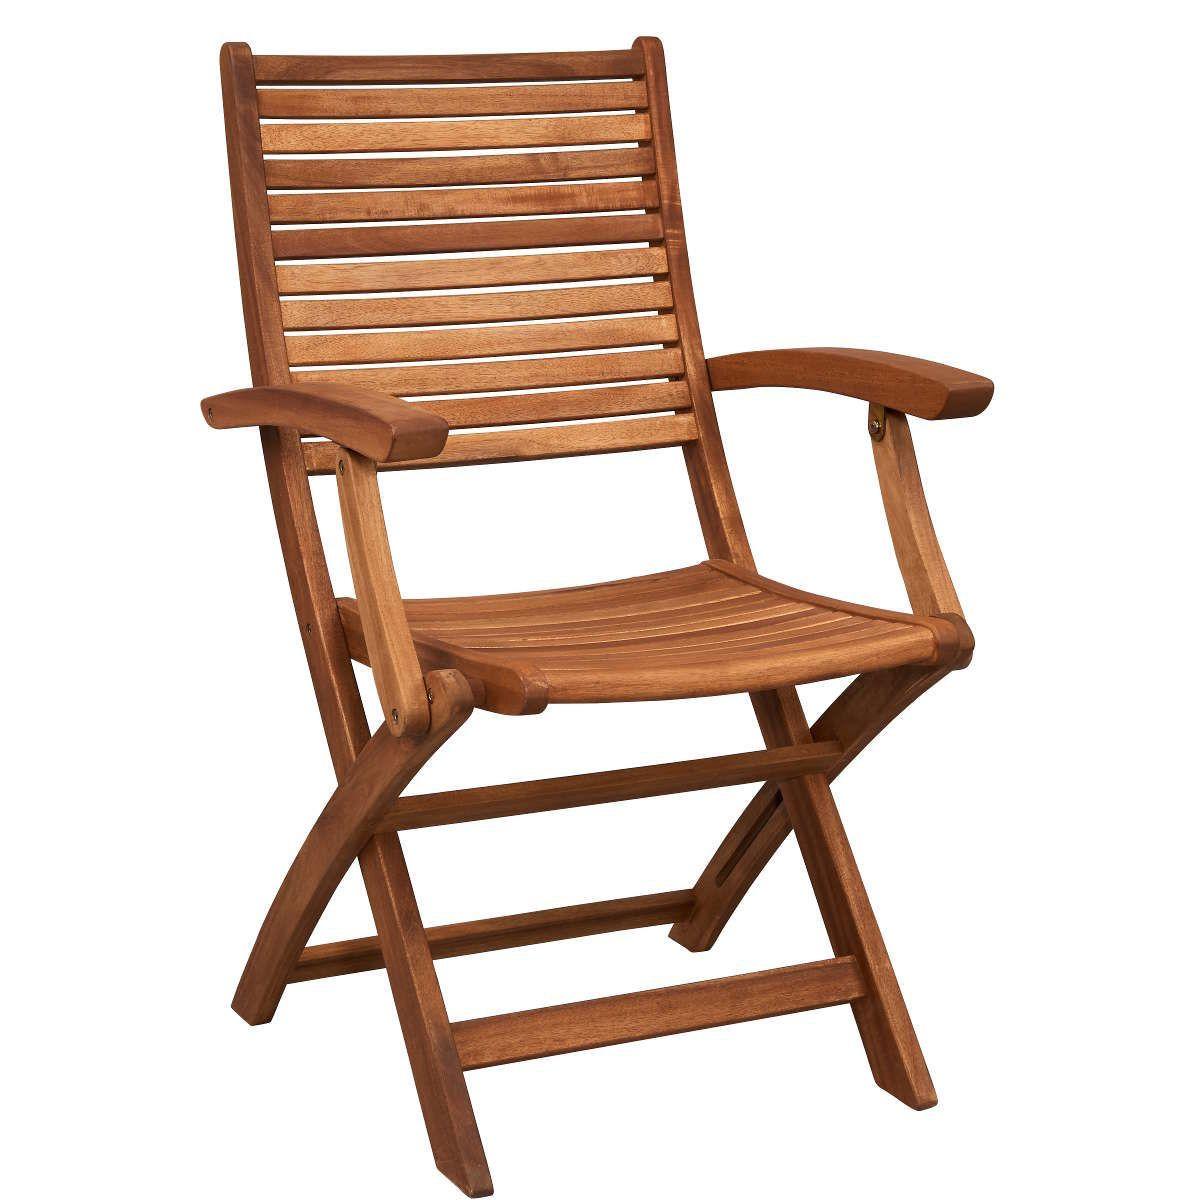 Somerset Klappstuhl Mit Armlehne Klappstuhl Stuhle Und Stuhl